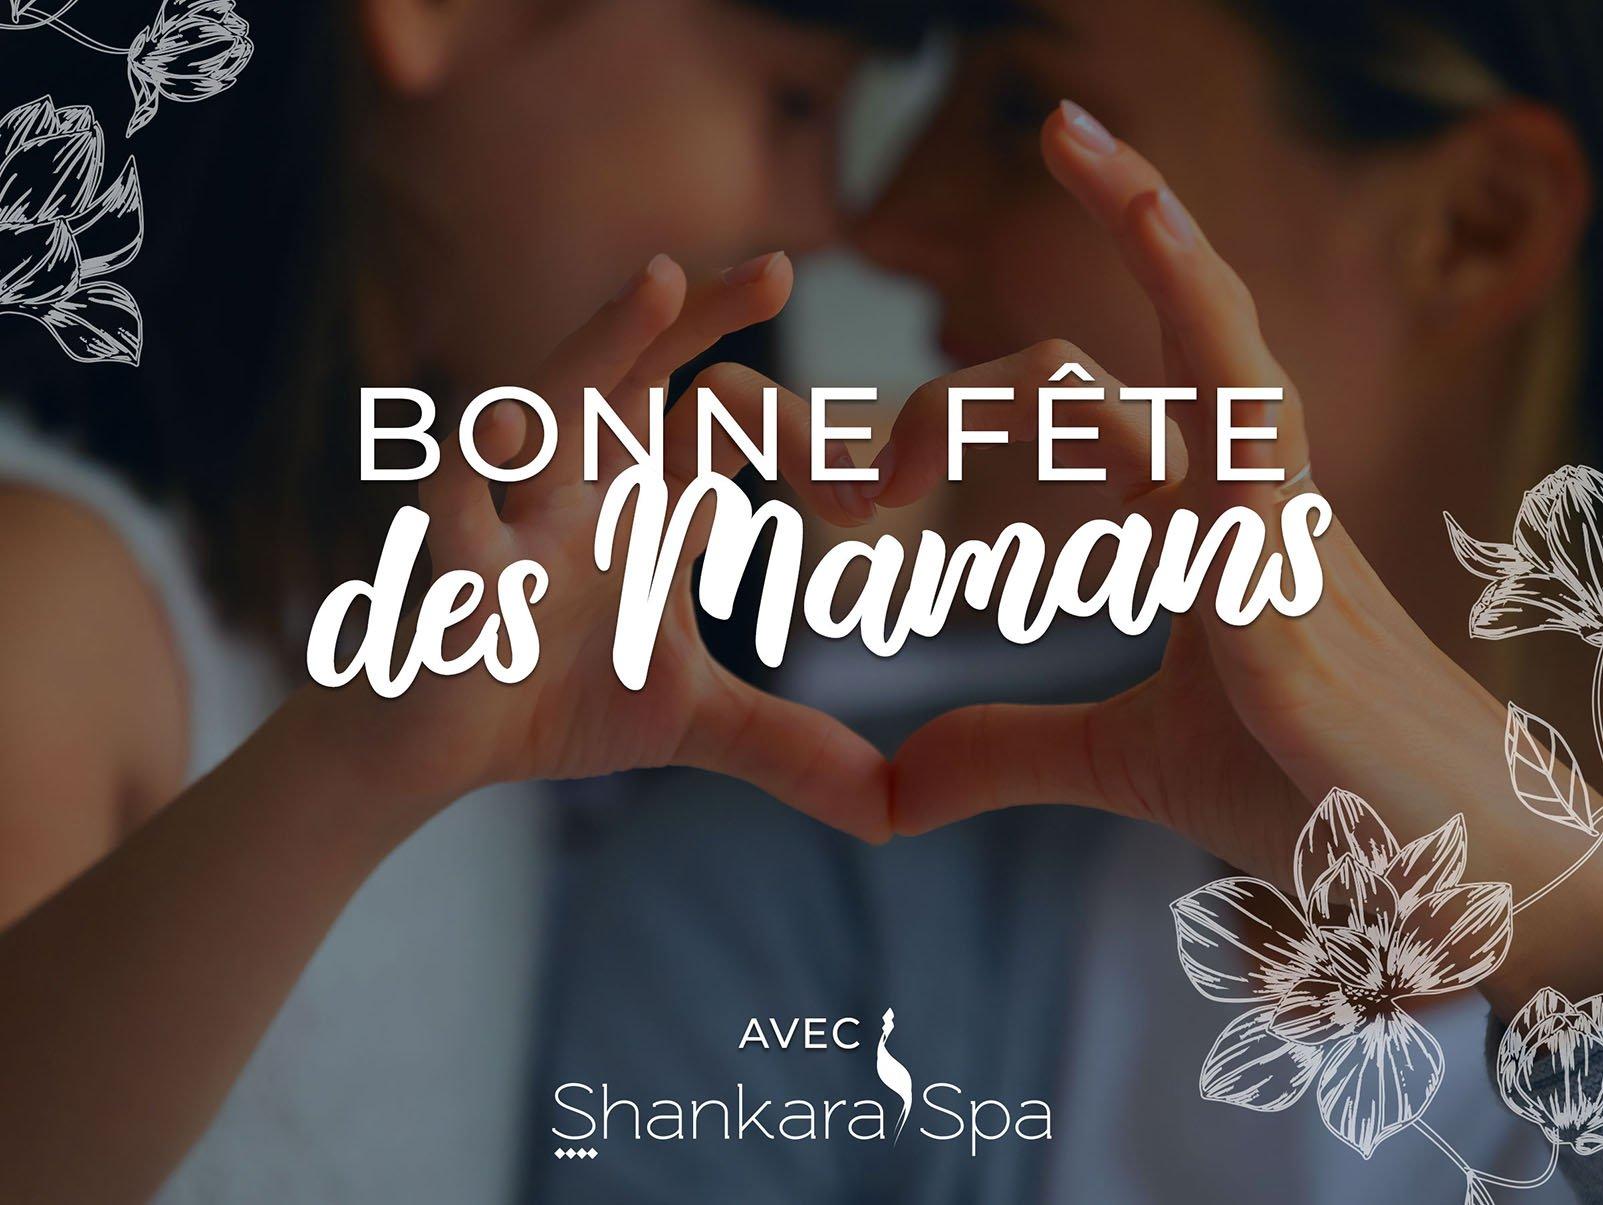 Shankara Spa - Fête des mamans - Nouméa - Nouvelle Calédonie